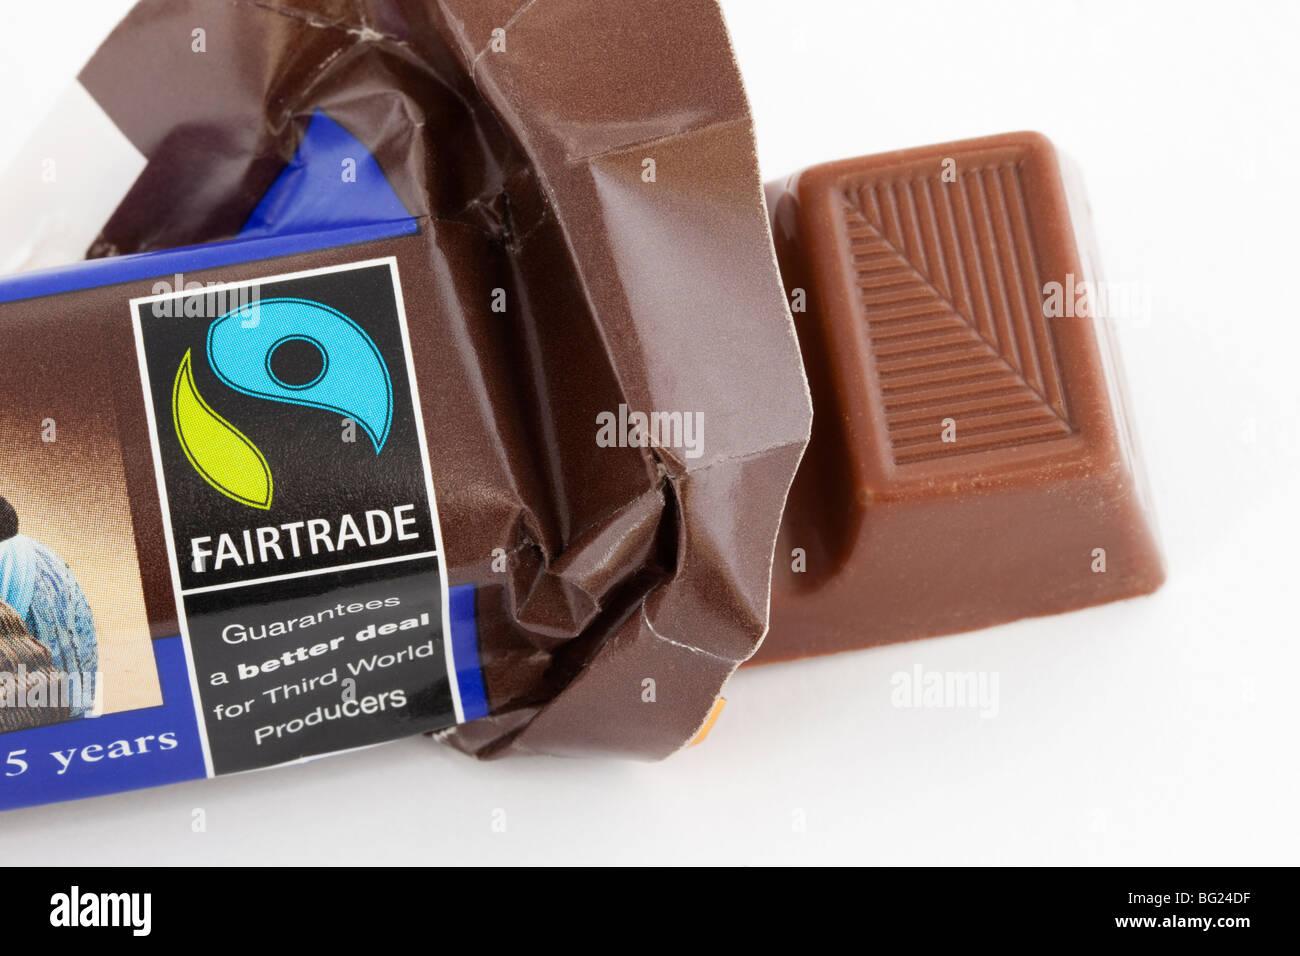 Close-up di una barretta di cioccolato Fairtrade non confezionato in involucro aperto con il commercio equo e solidale Immagini Stock